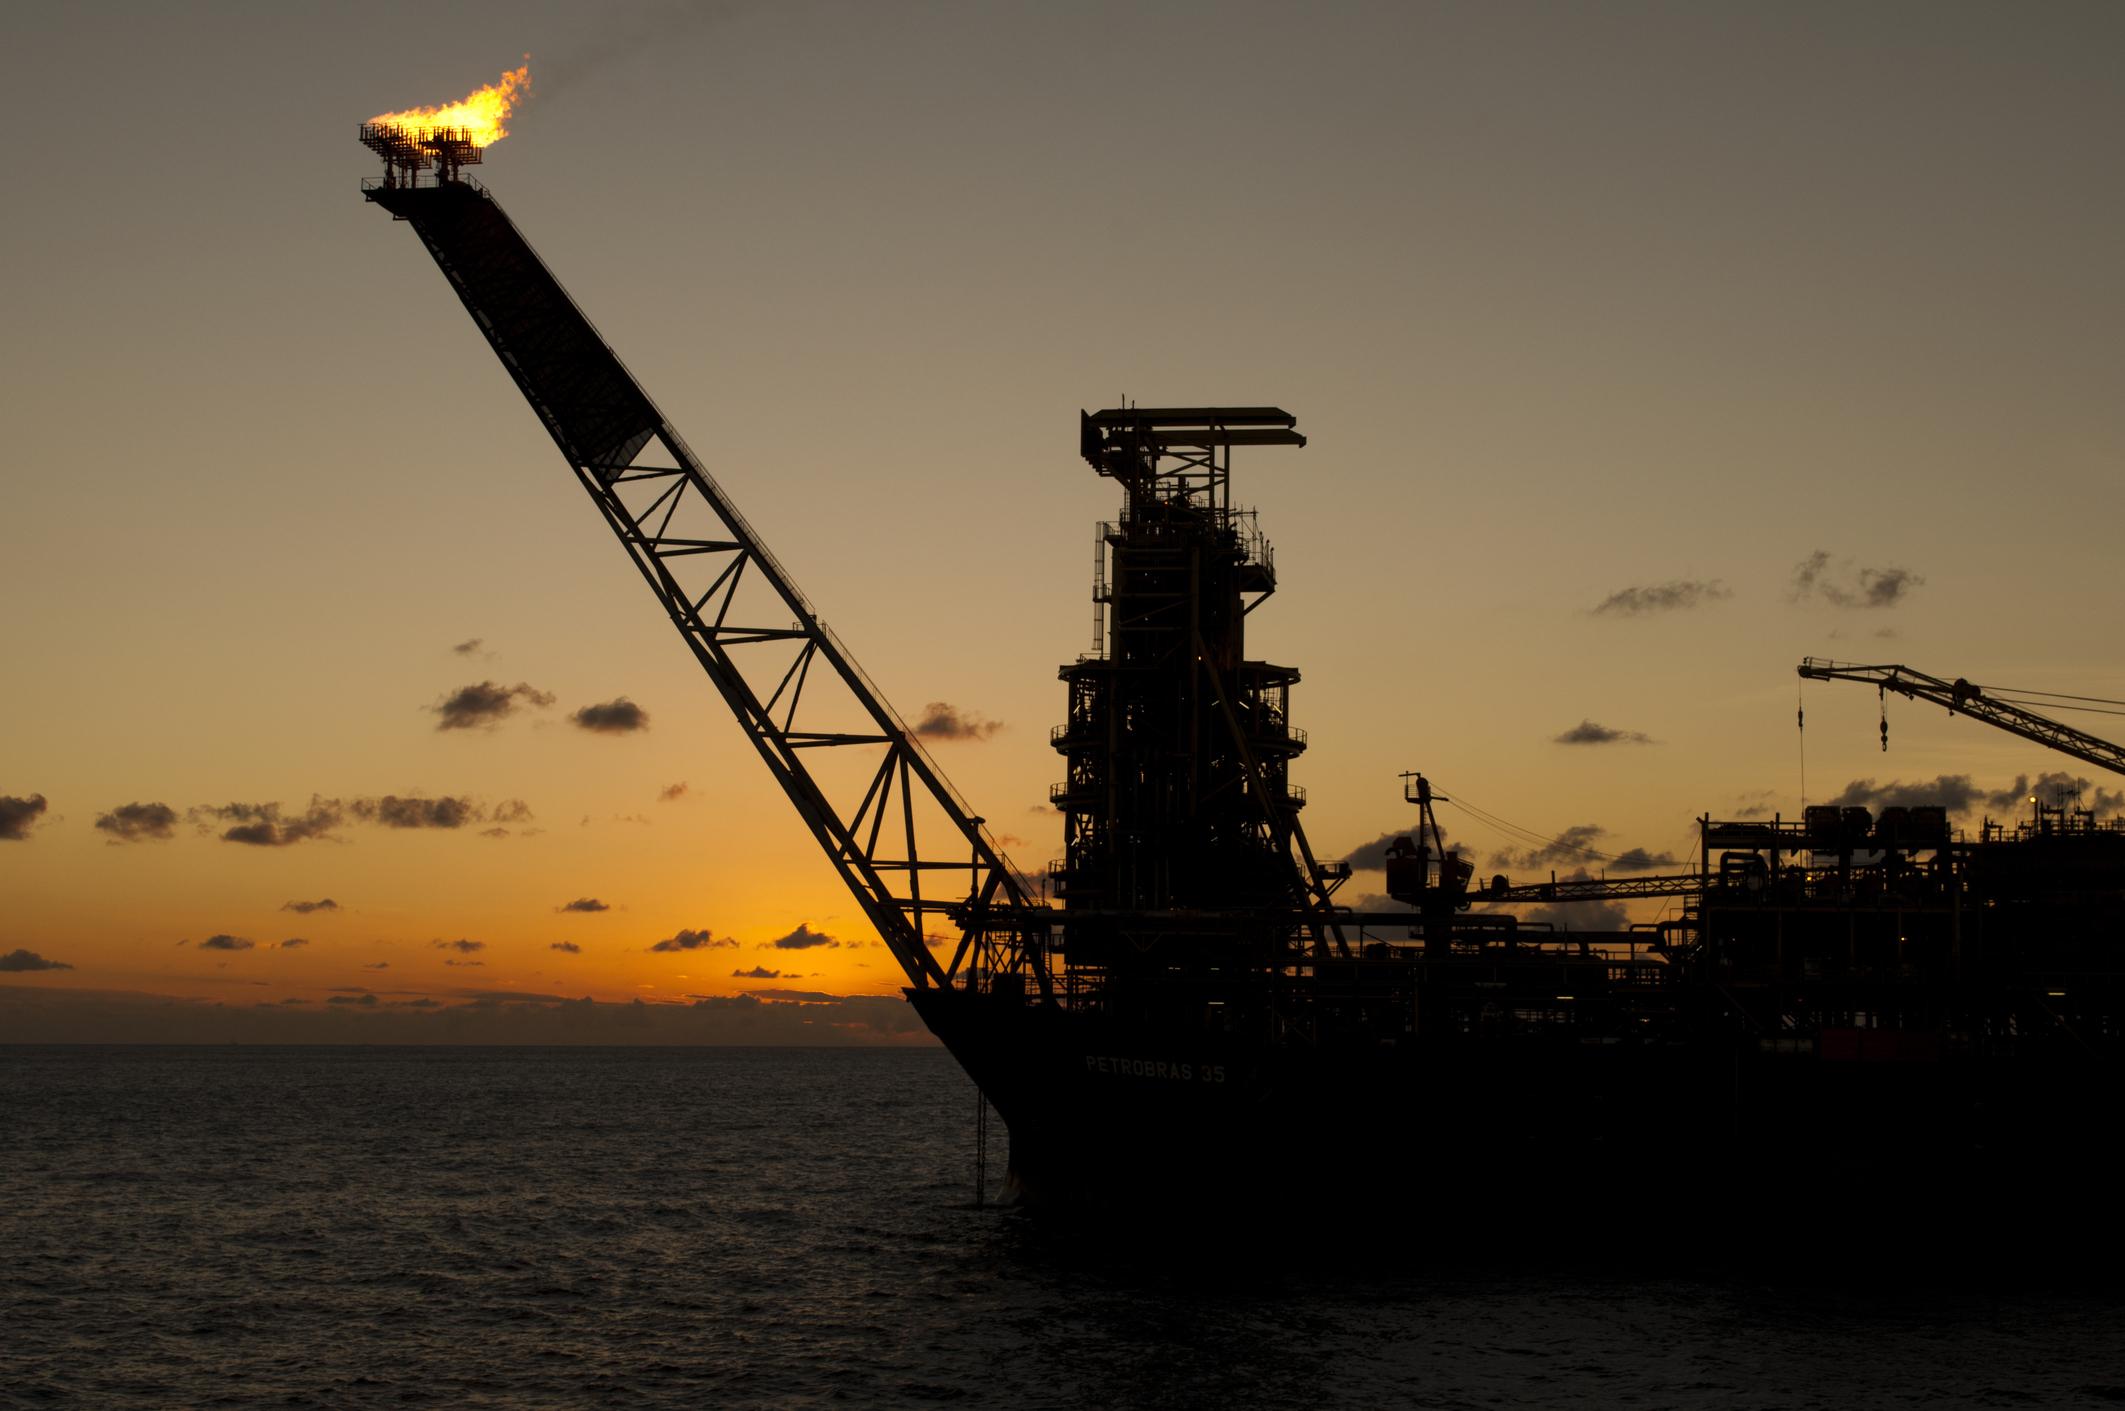 Offshore oil rig at sundown.